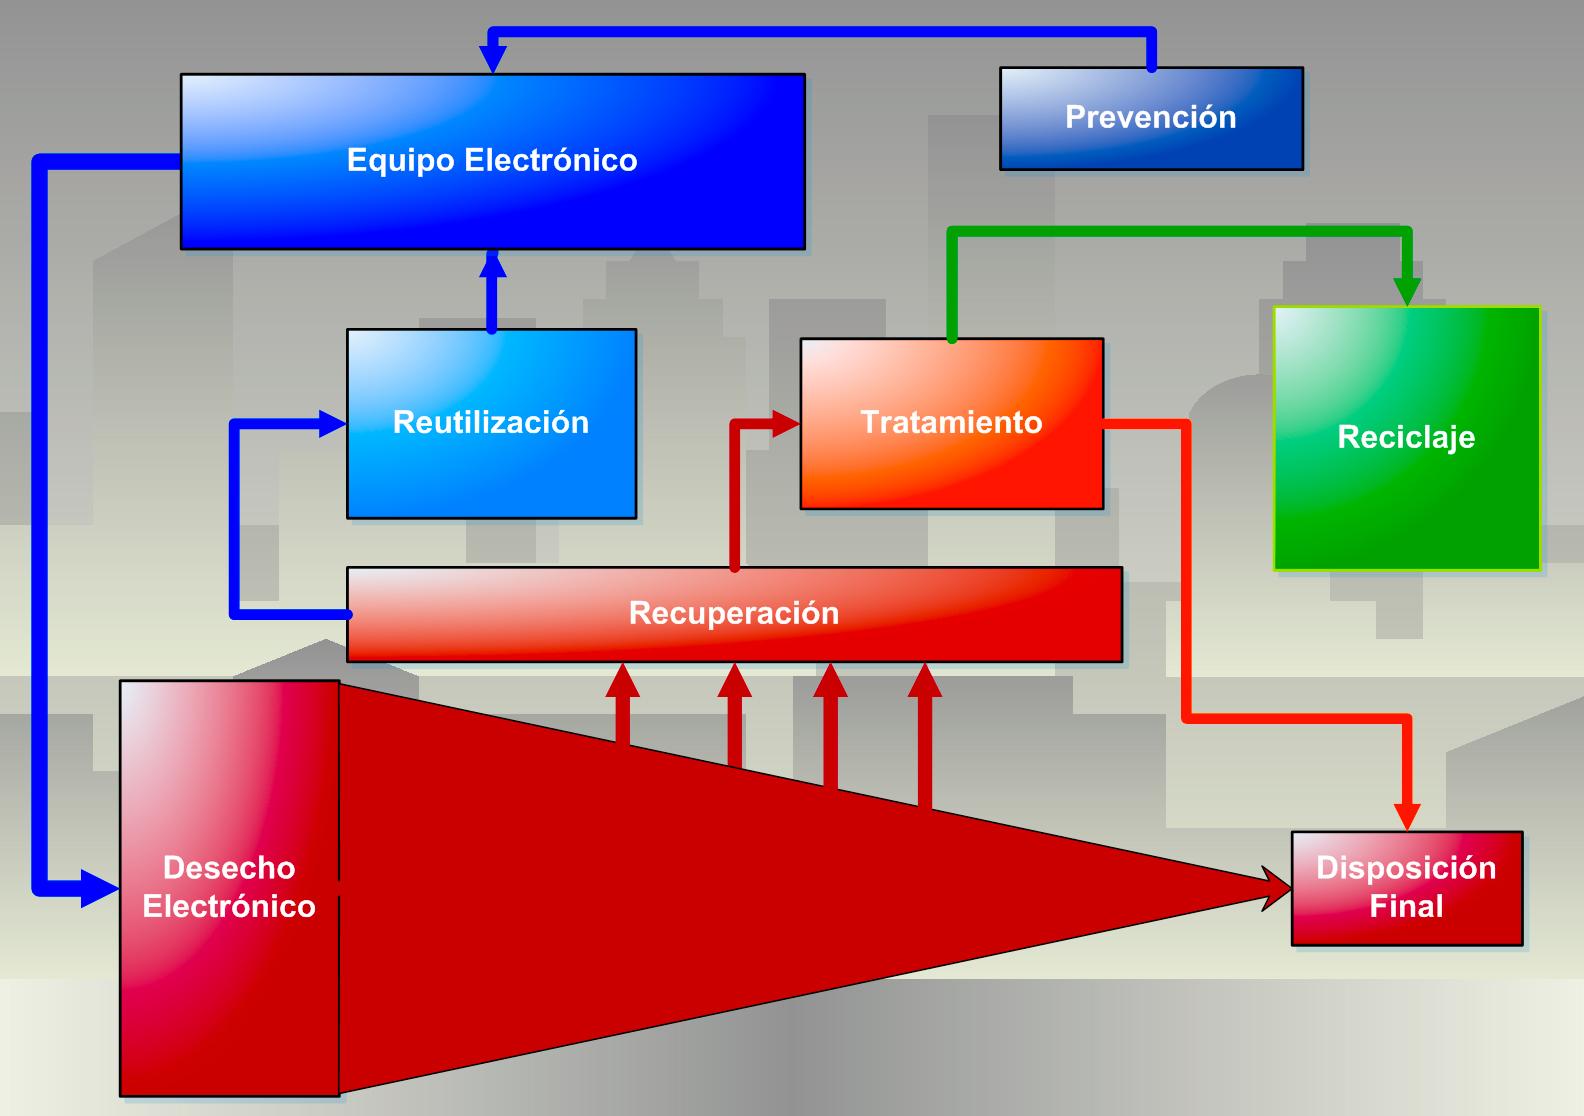 Archivo:Desechos.jpg - Wikipedia, la enciclopedia libre